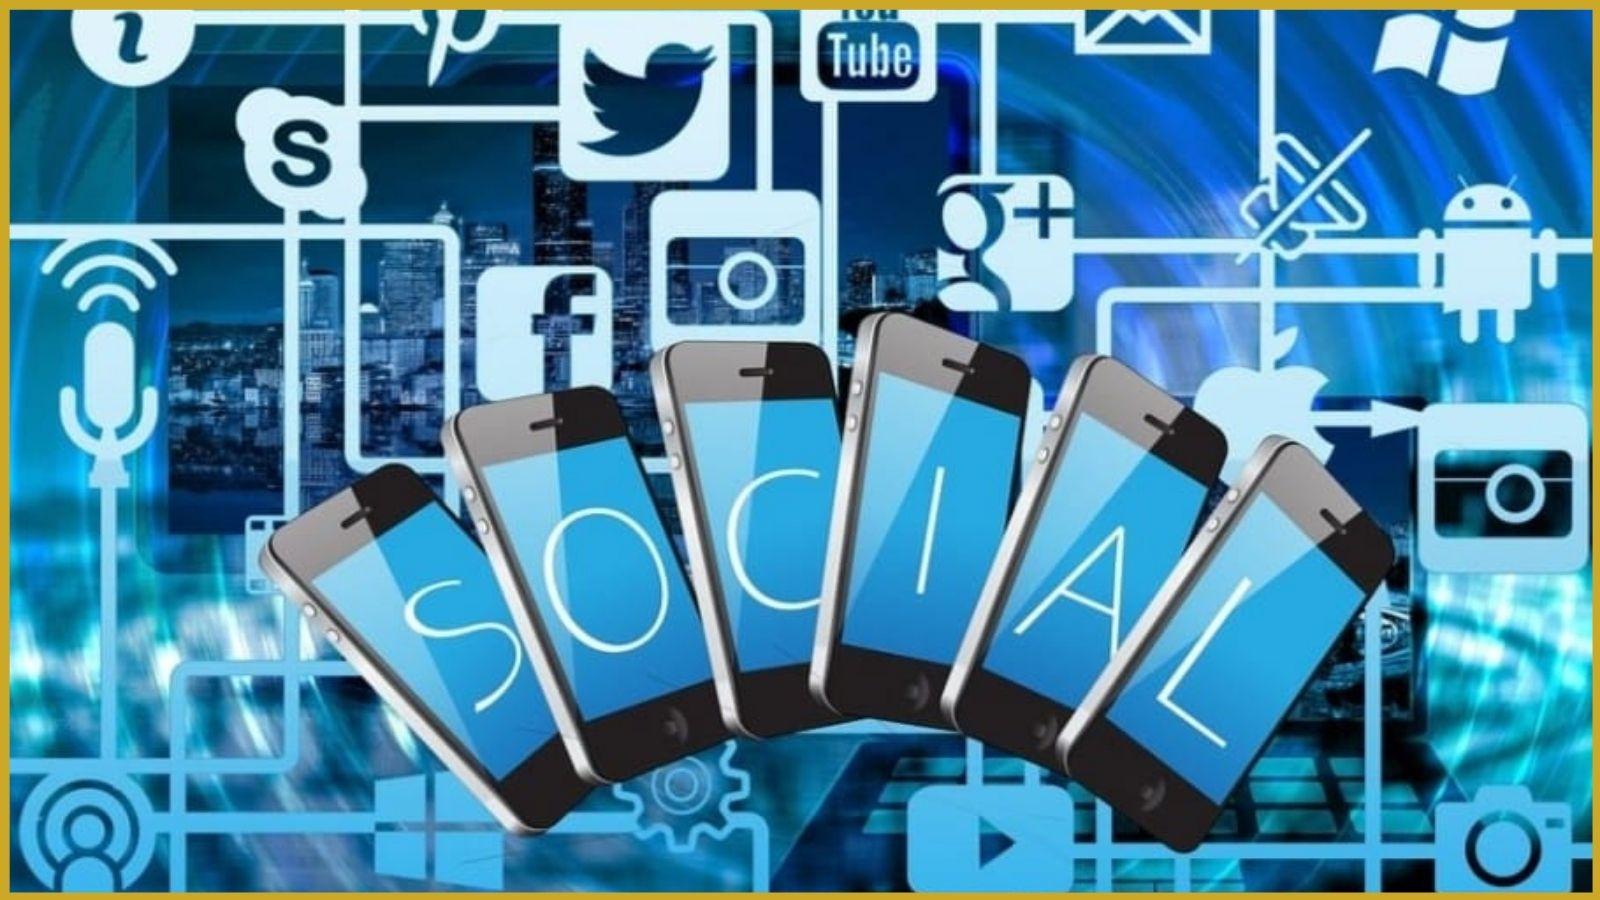 Verschiedene Social Media Elemente auf einer Grafik, passend zum Kontext.